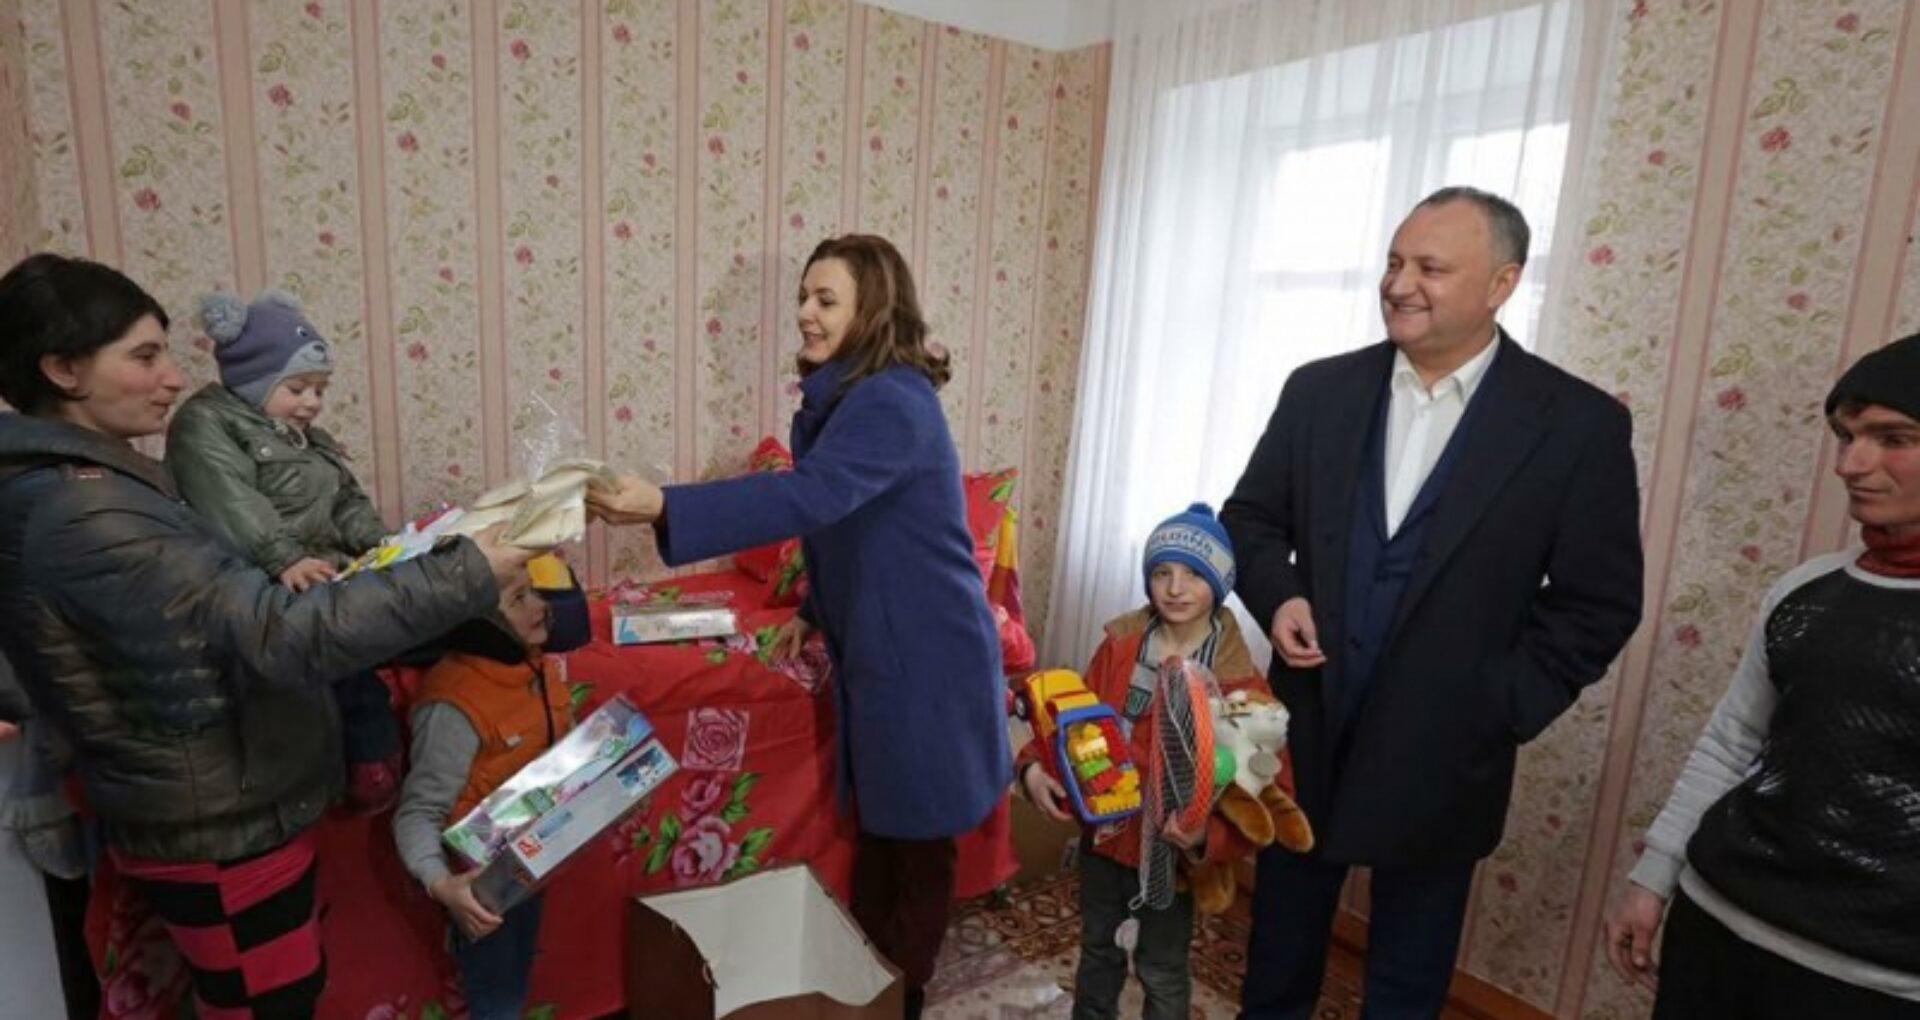 """Fundația """"Din Suflet"""" a Primei Doamne, sponsorizată de fiul procurorului general al Rusiei. Reacția Președinției"""